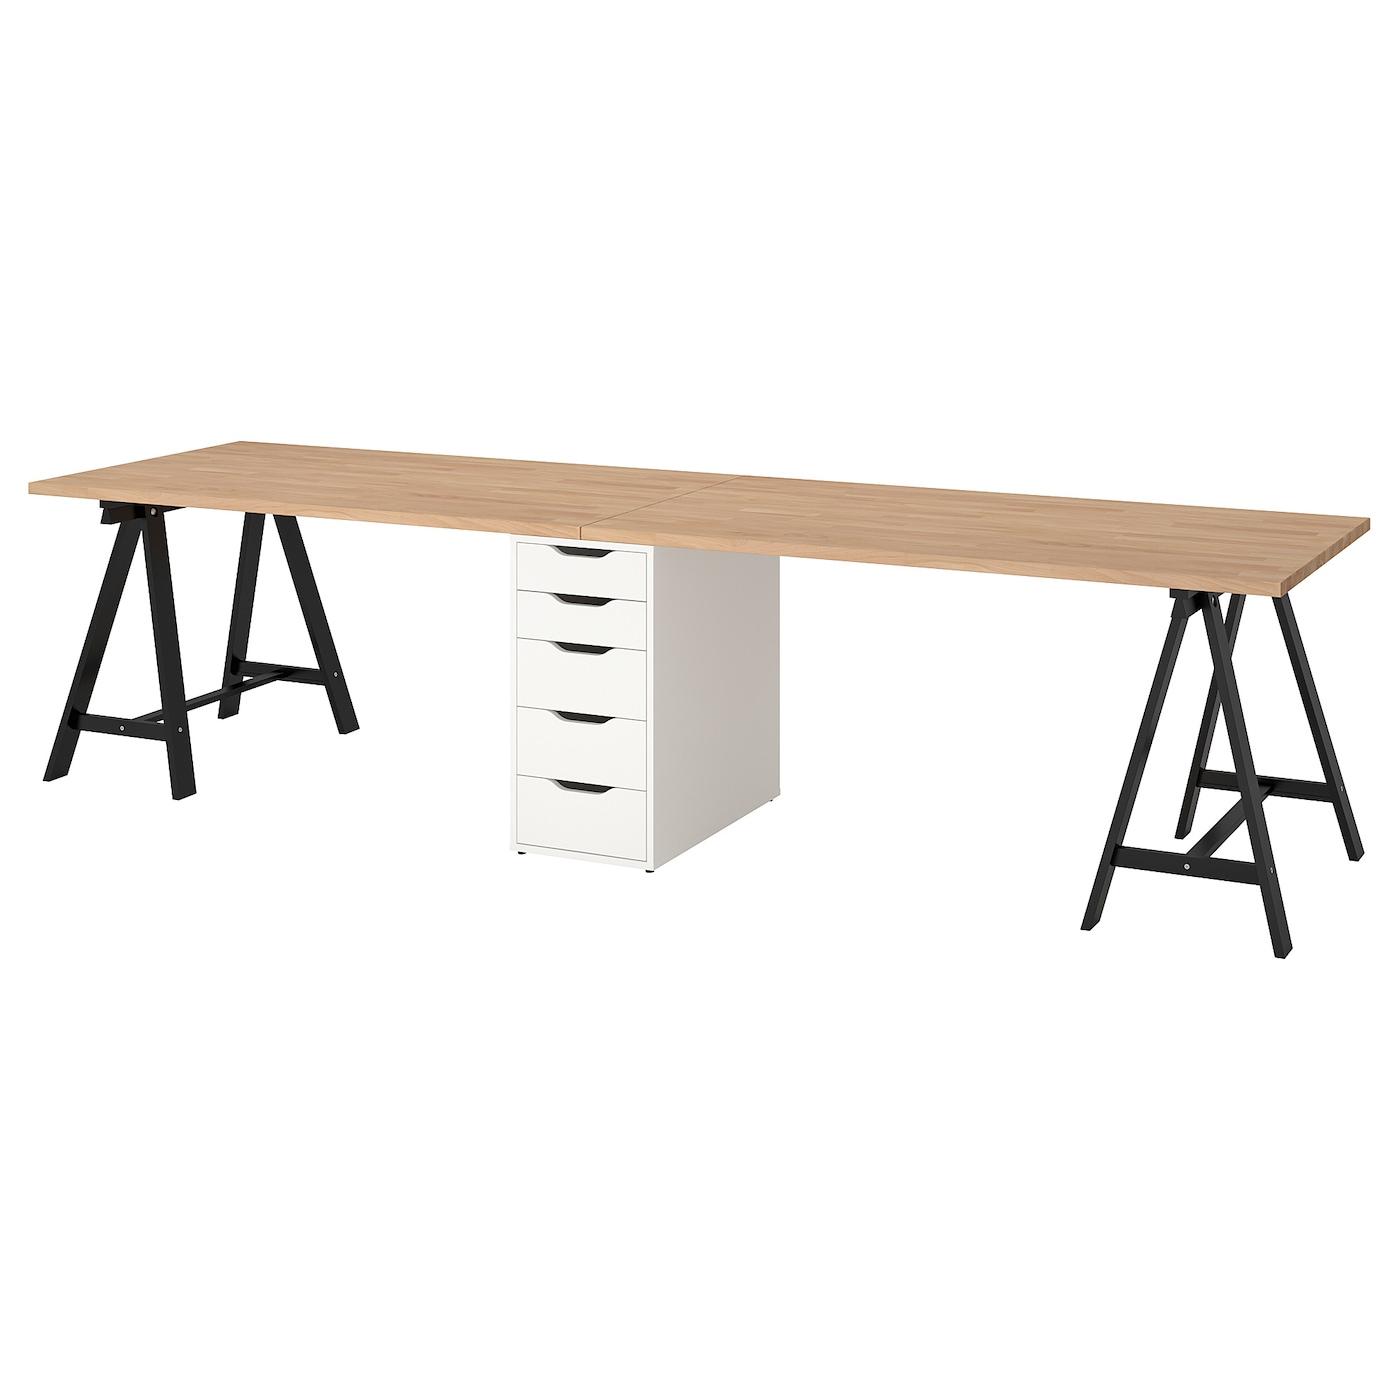 Gerton Table - Hêtre, Noir Blanc 310X75 Cm tout Table Jardin Plastique Ikea